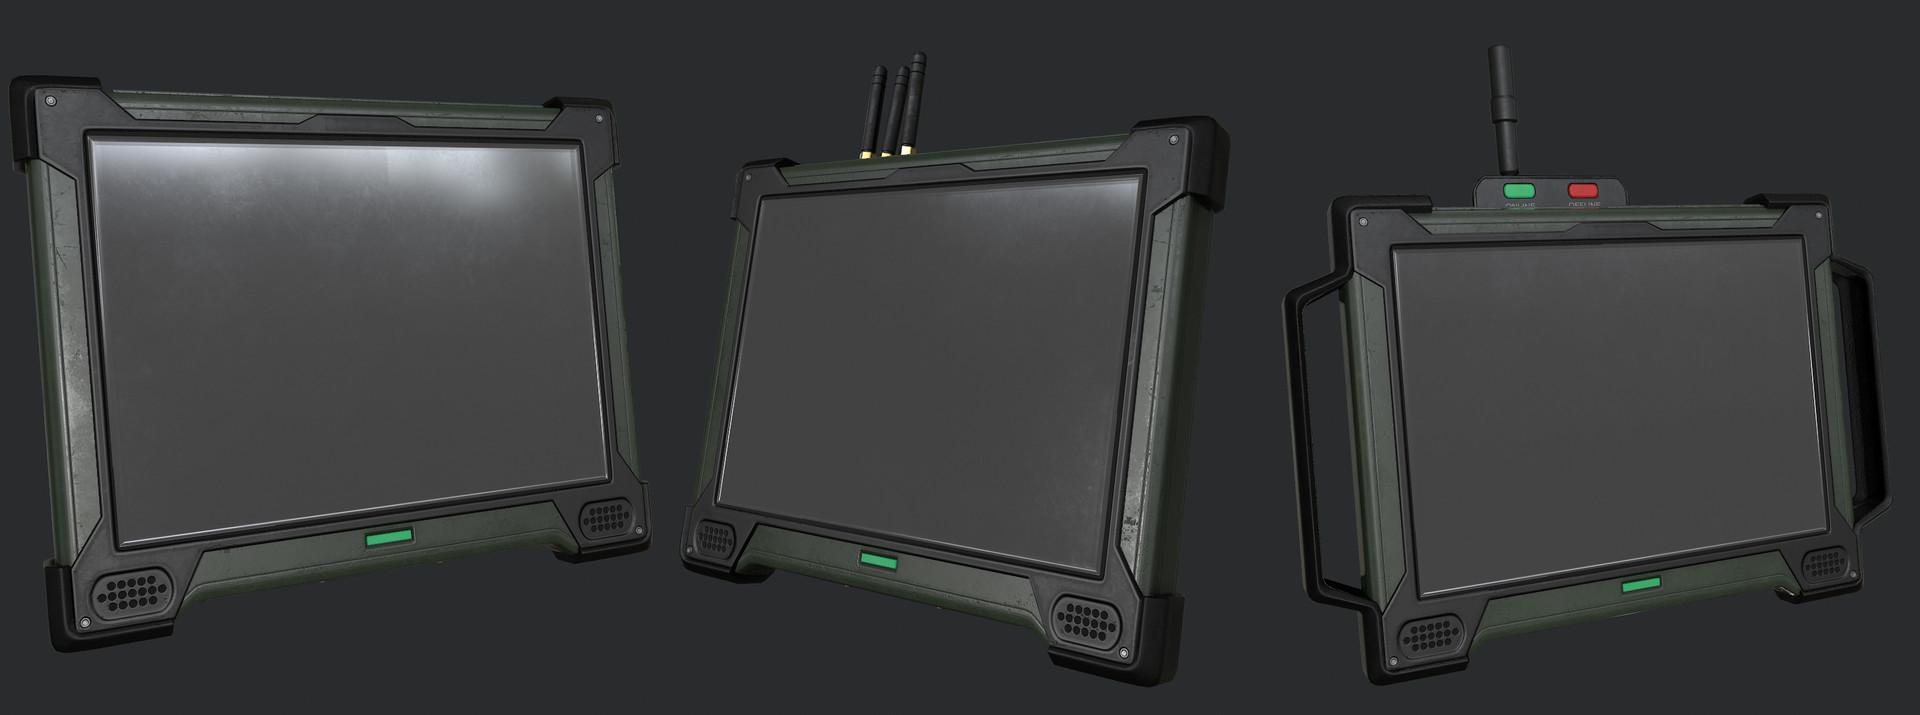 Daniel conroy tablet 1 no brand